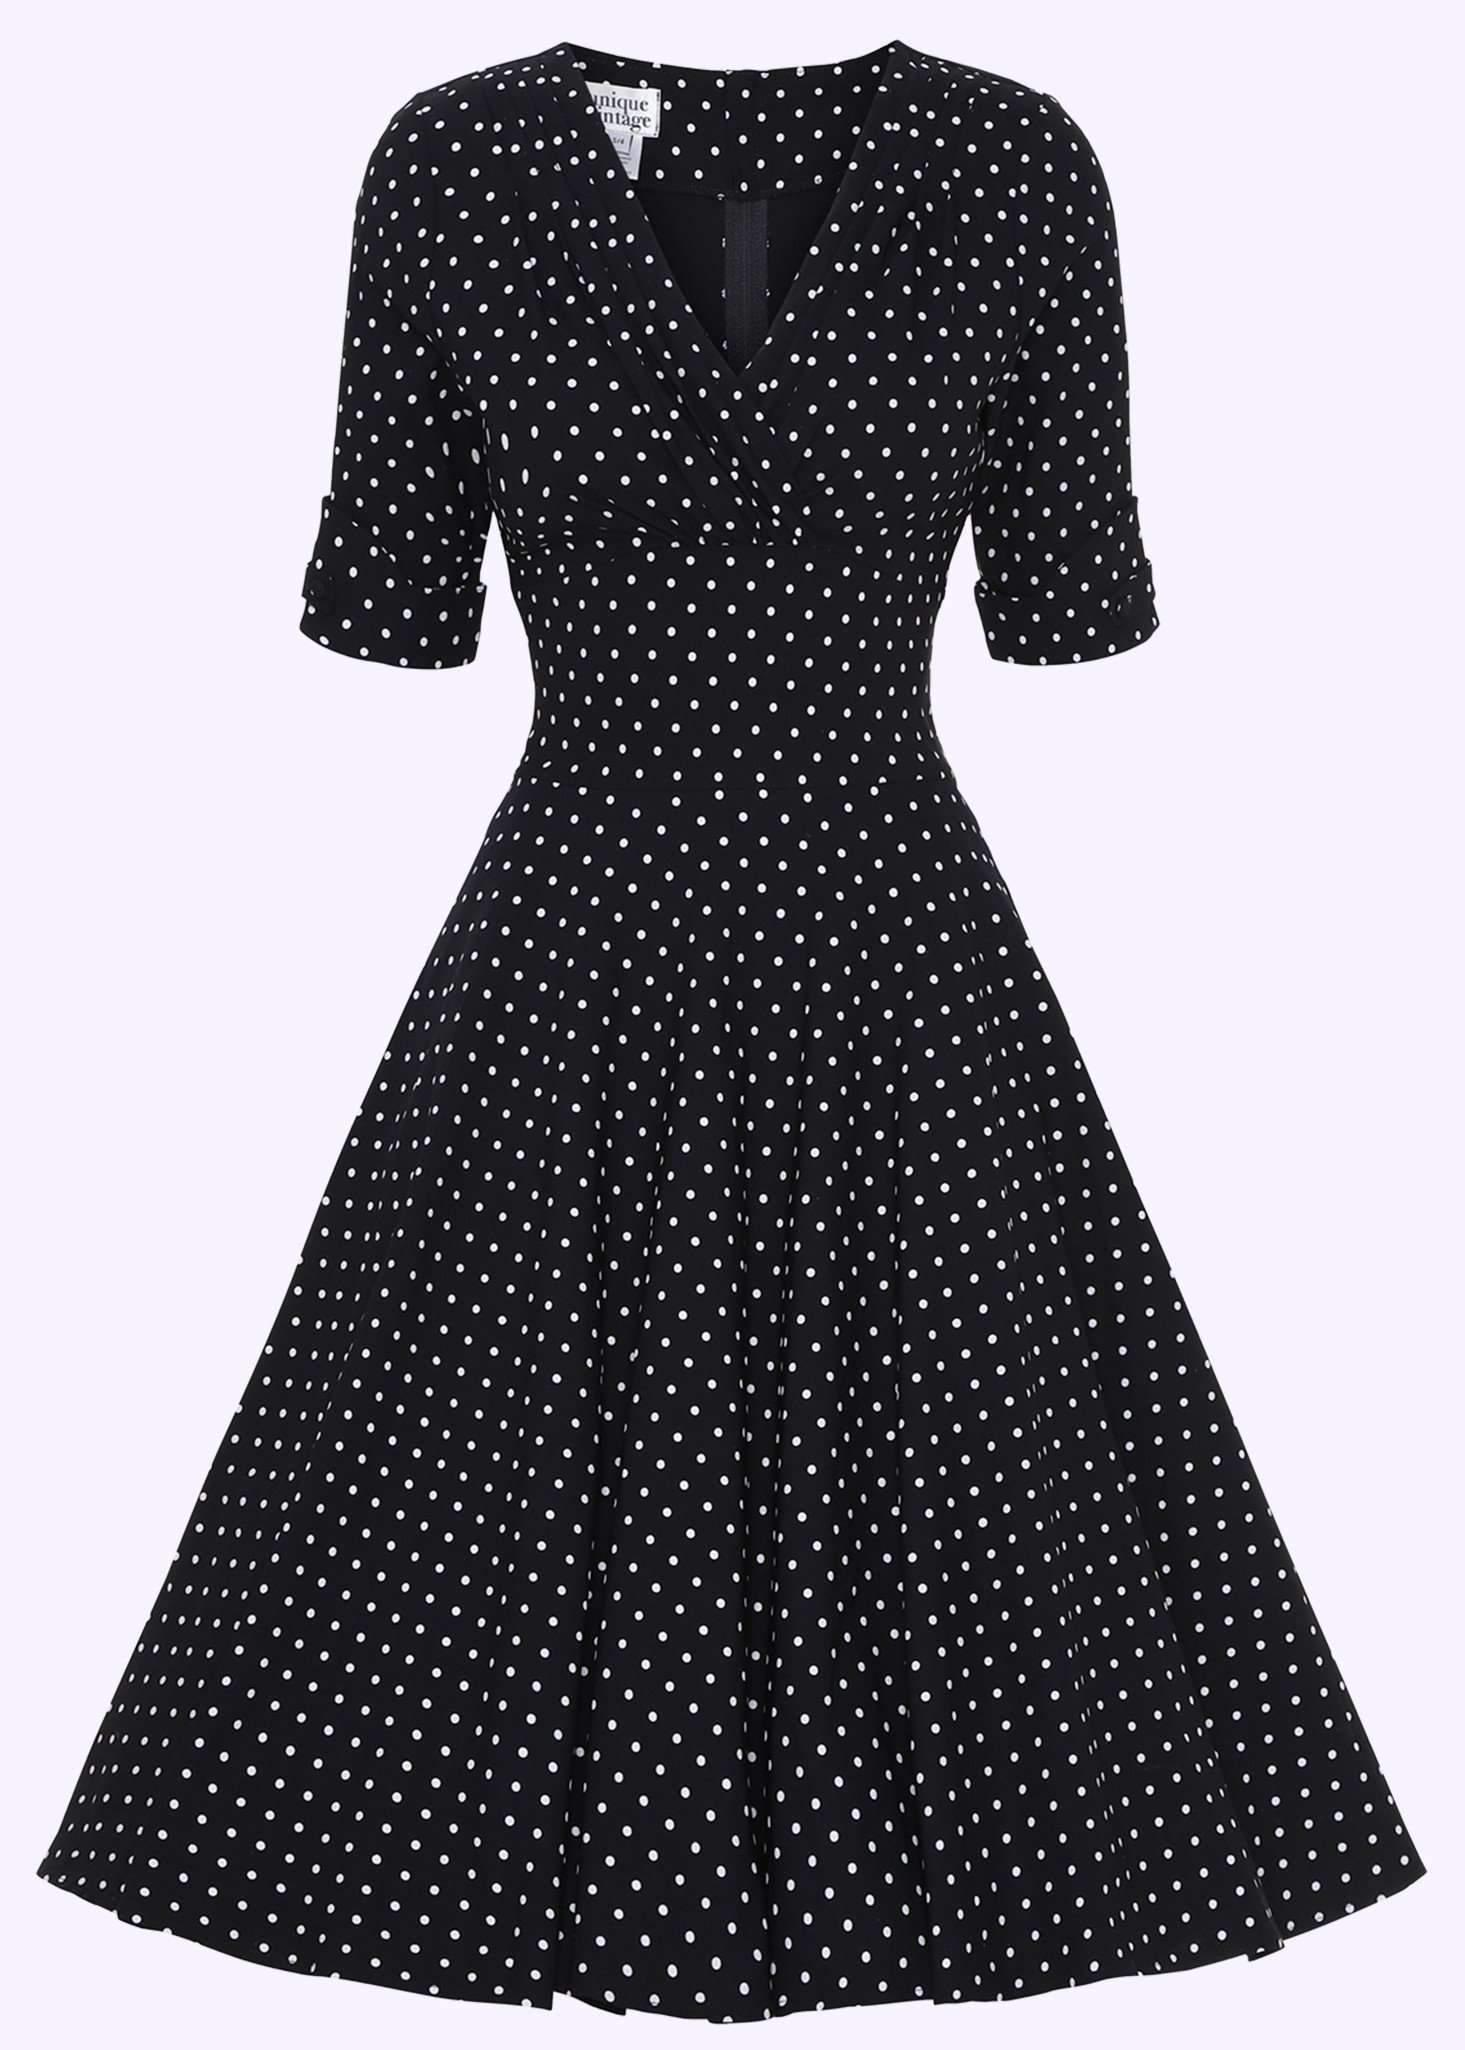 swingkjole i sort med små prikker